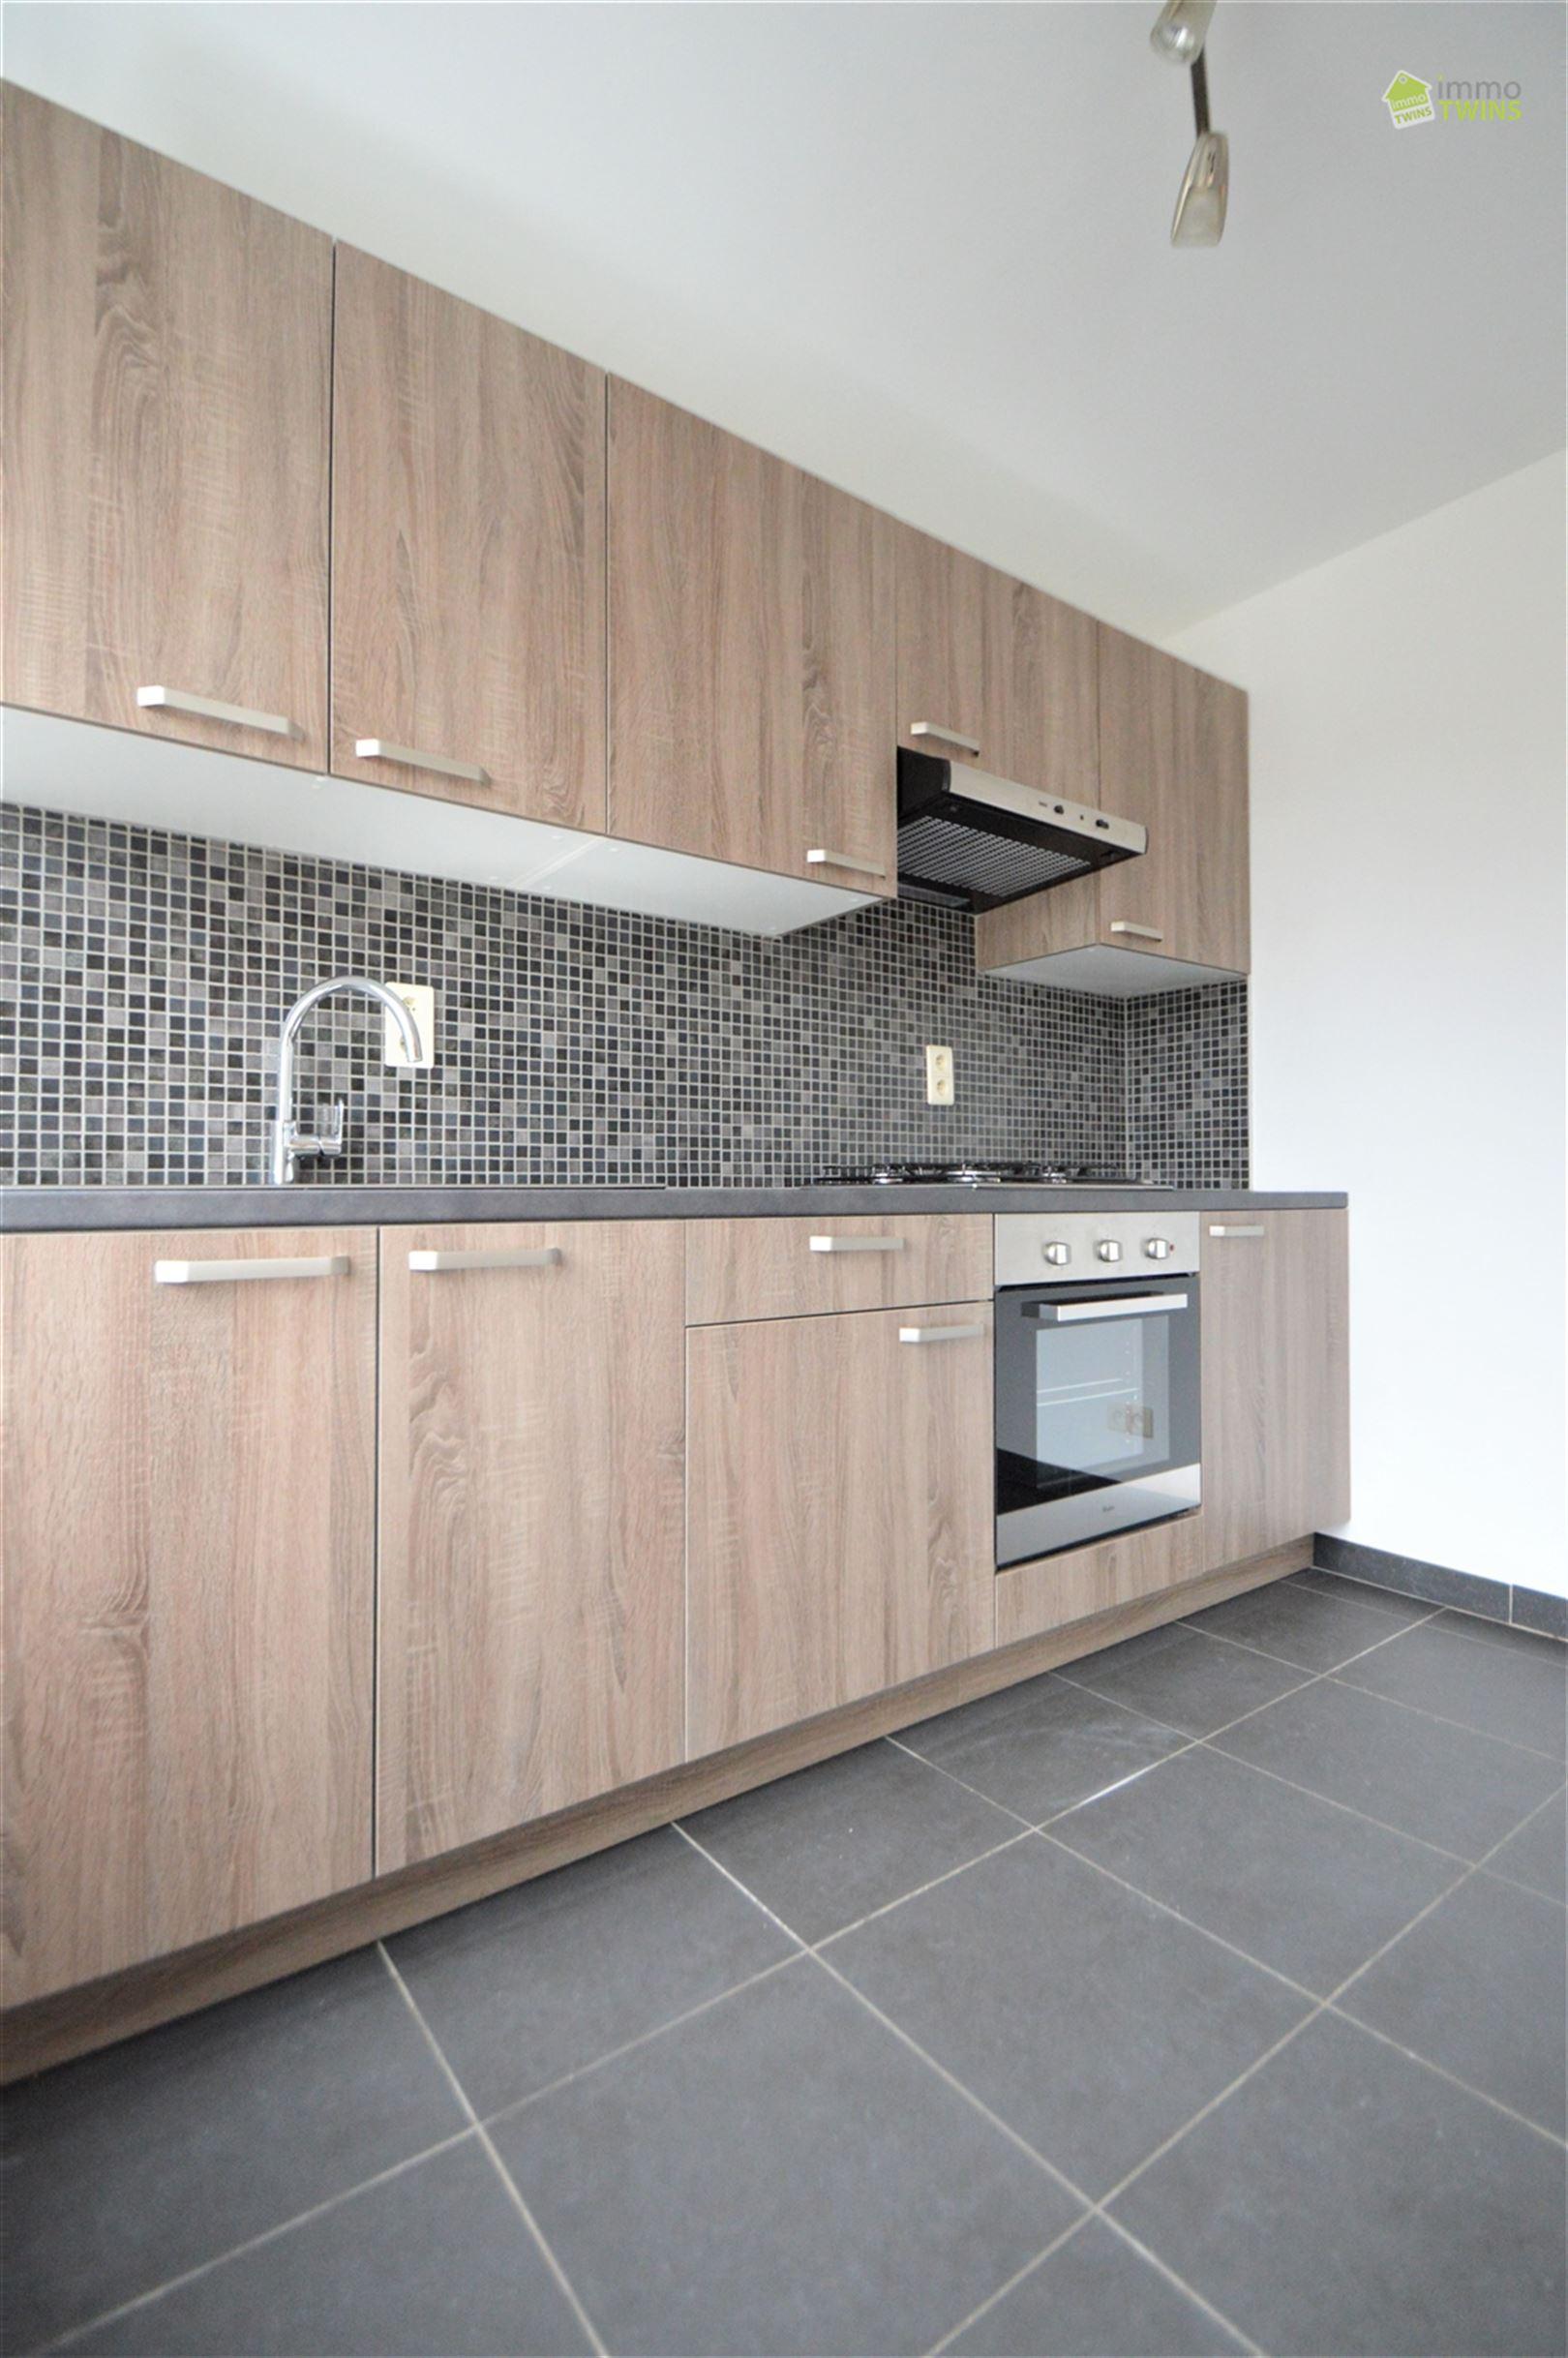 Foto 3 : Appartement te 9255 Buggenhout (België) - Prijs € 630